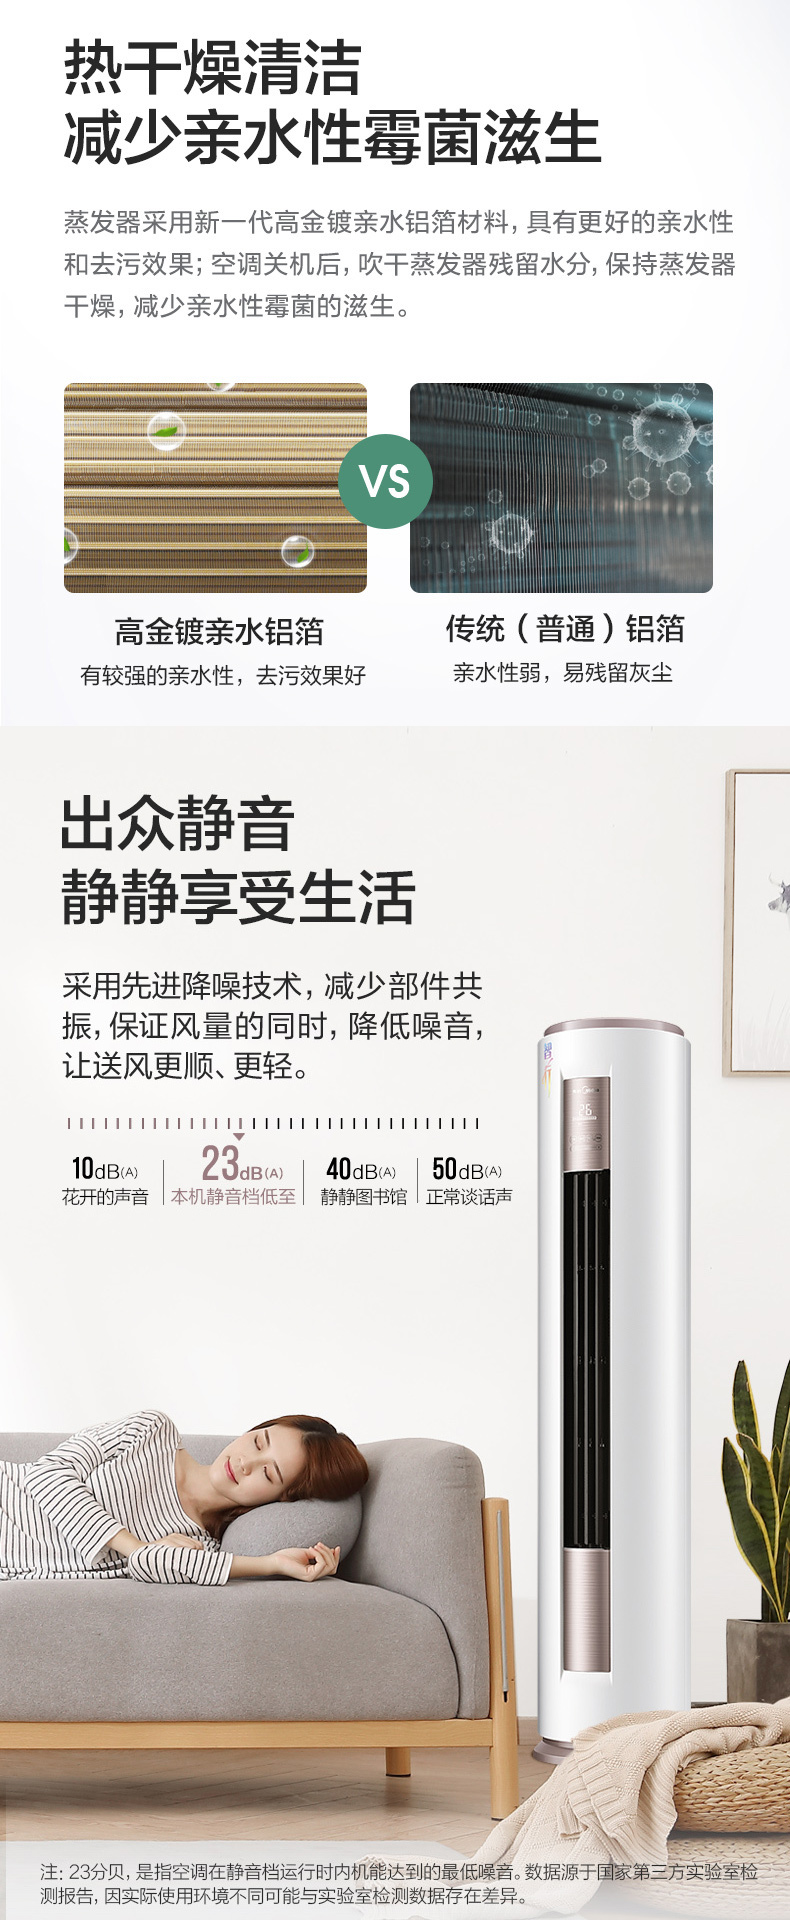 昆明立柜式空调品牌